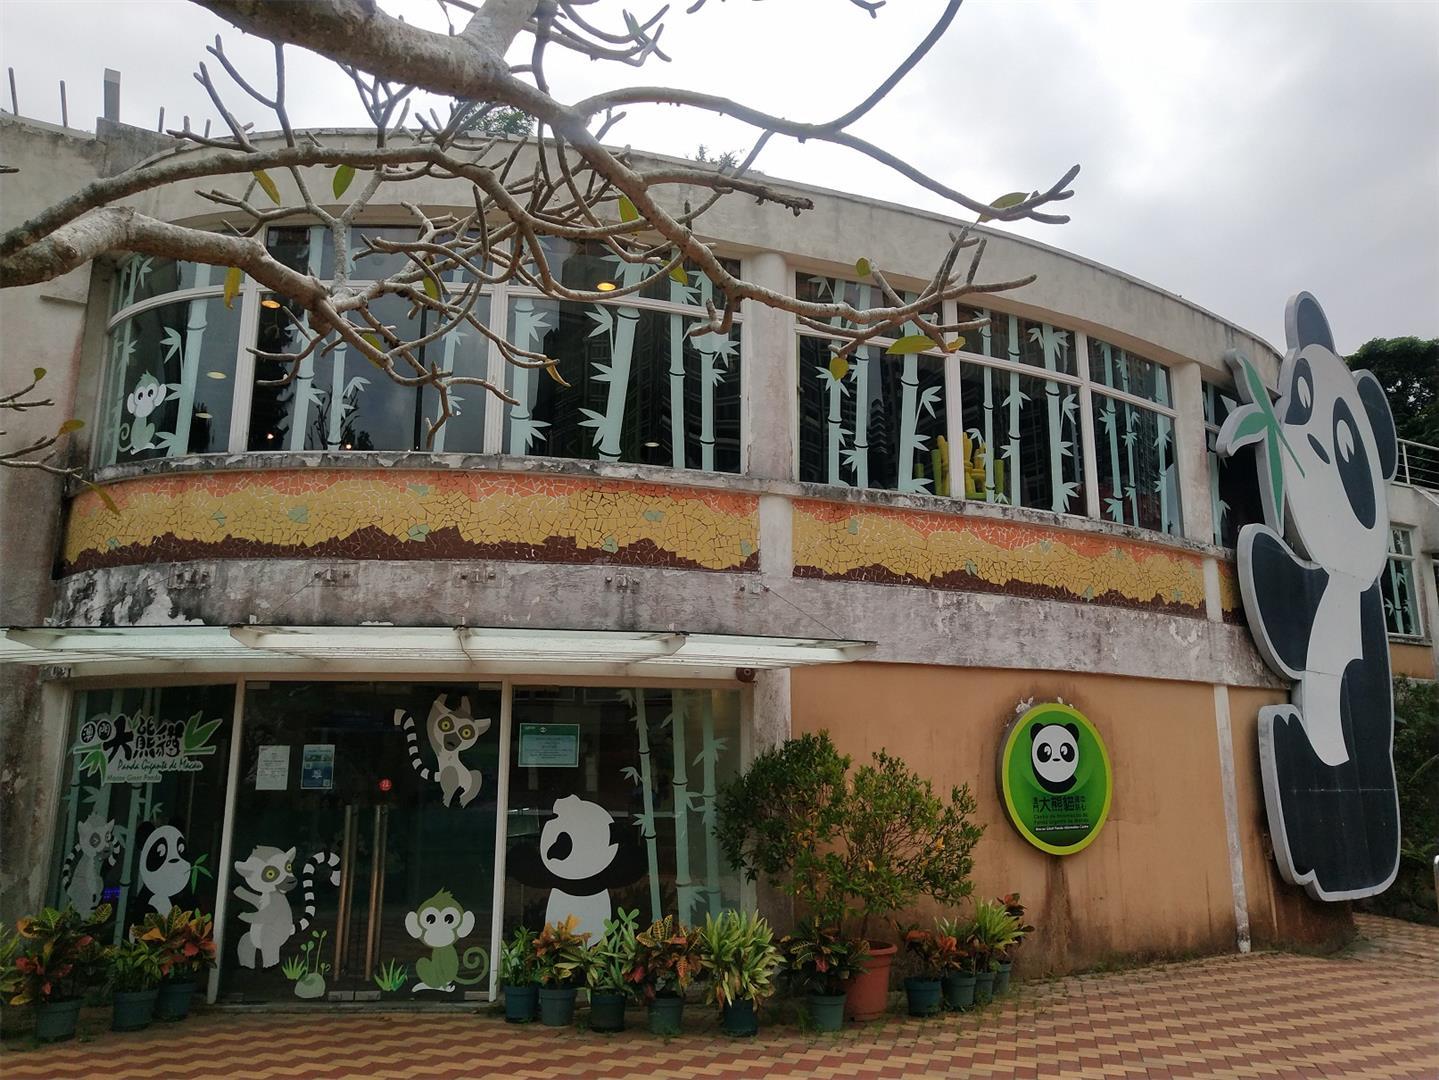 大熊猫资讯中心维修翻新暂停开放